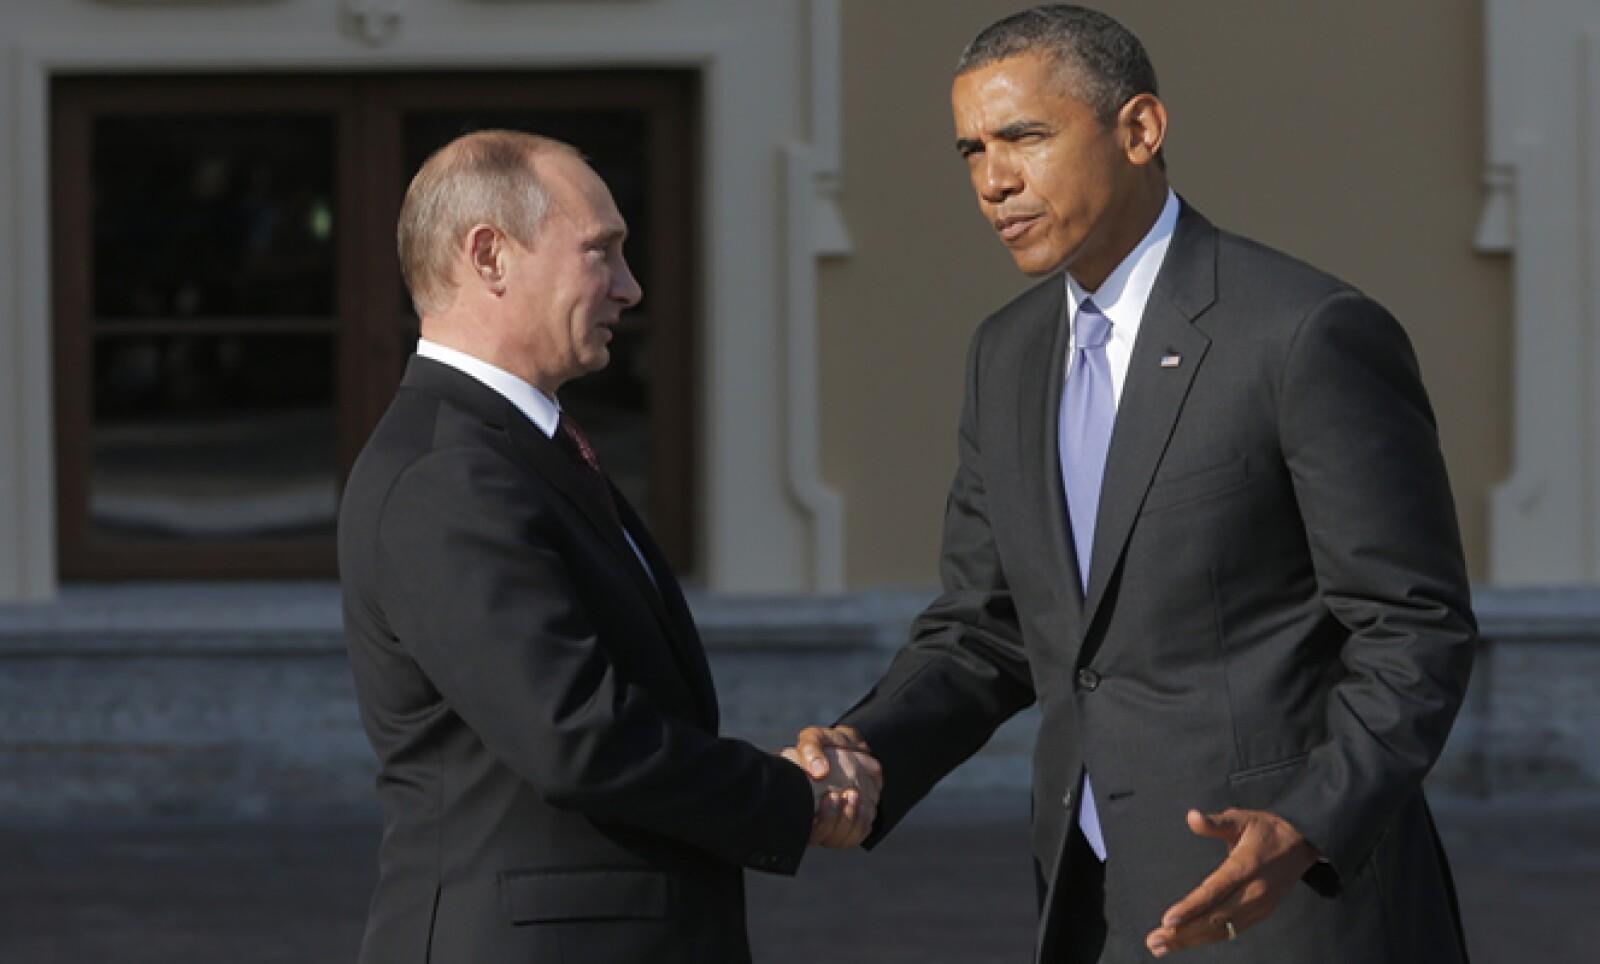 El mandatario ruso, Vladimir Putin, quiere usar la reunión para convencer a Obama de que no lance una acción militar contra el presidente sirio, Bashar al-Assad.